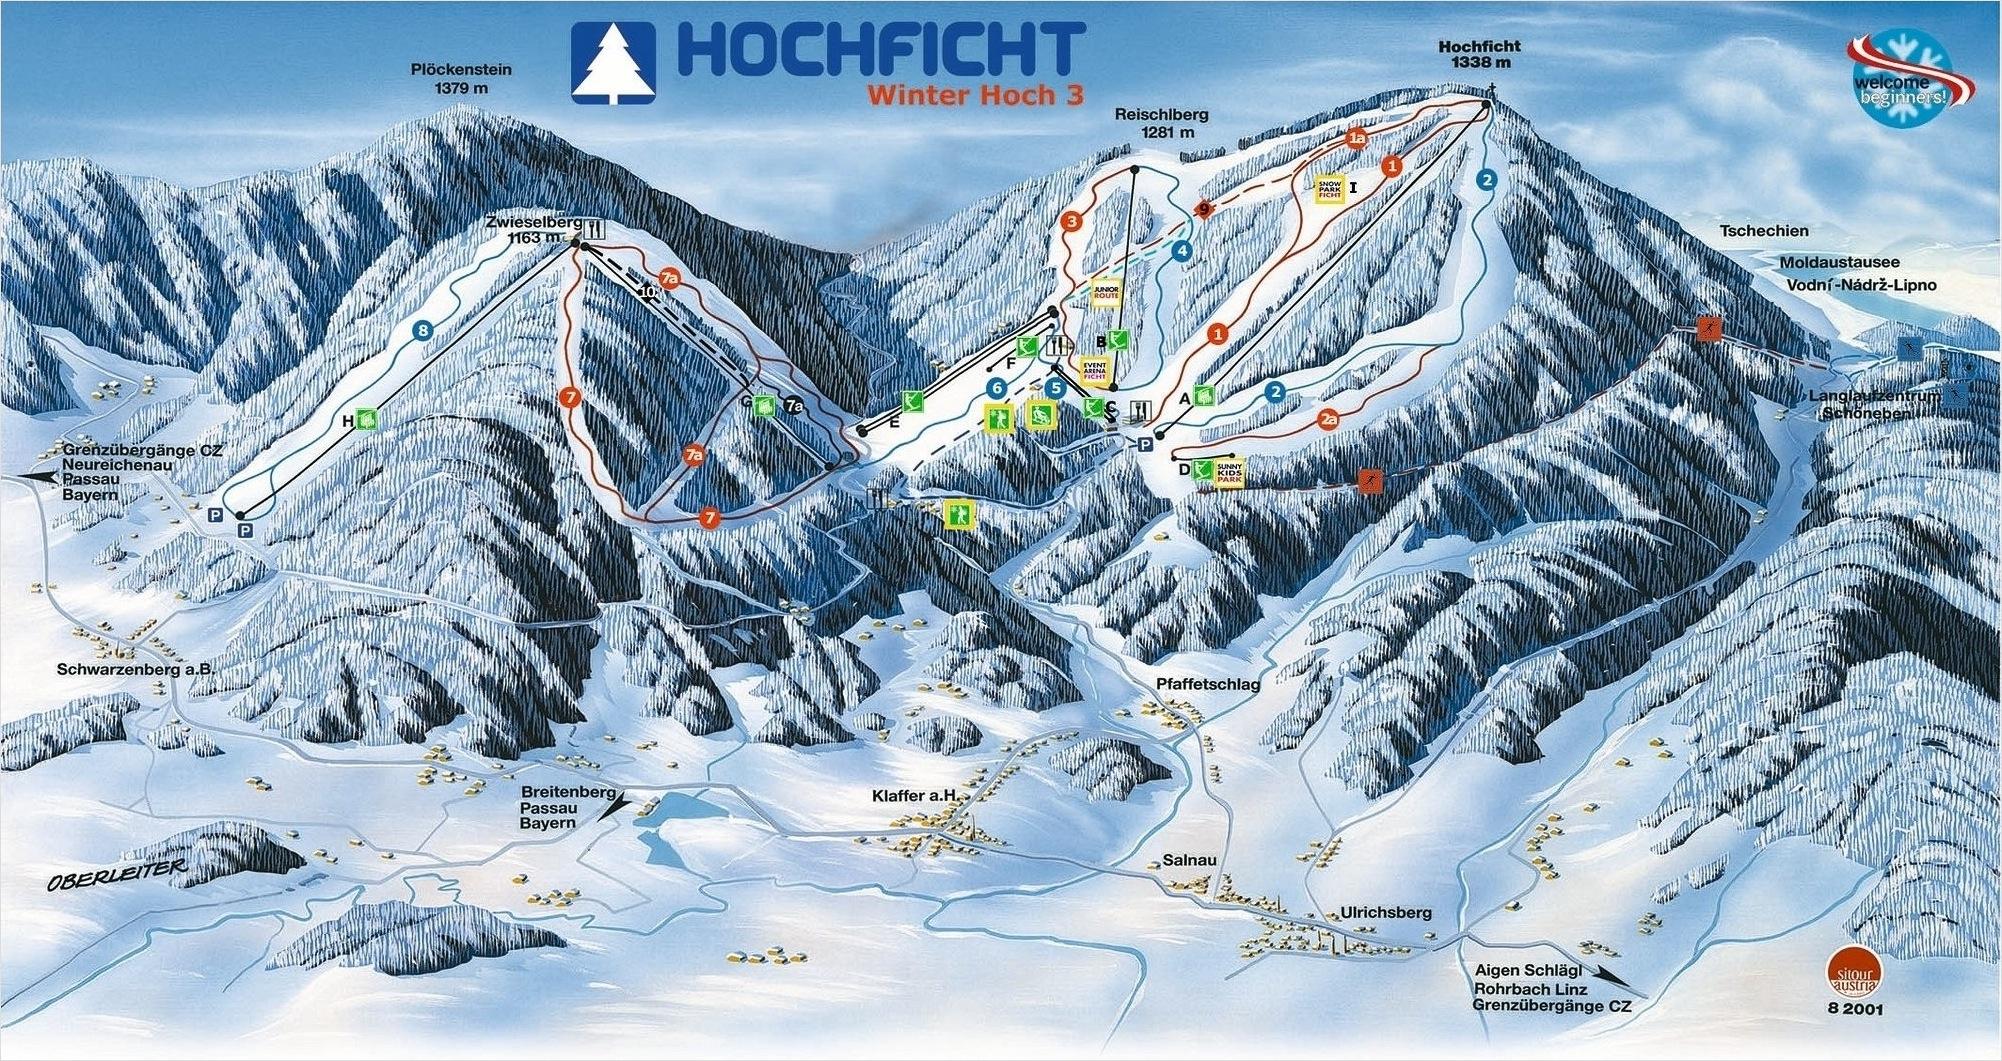 hochficht-skimap